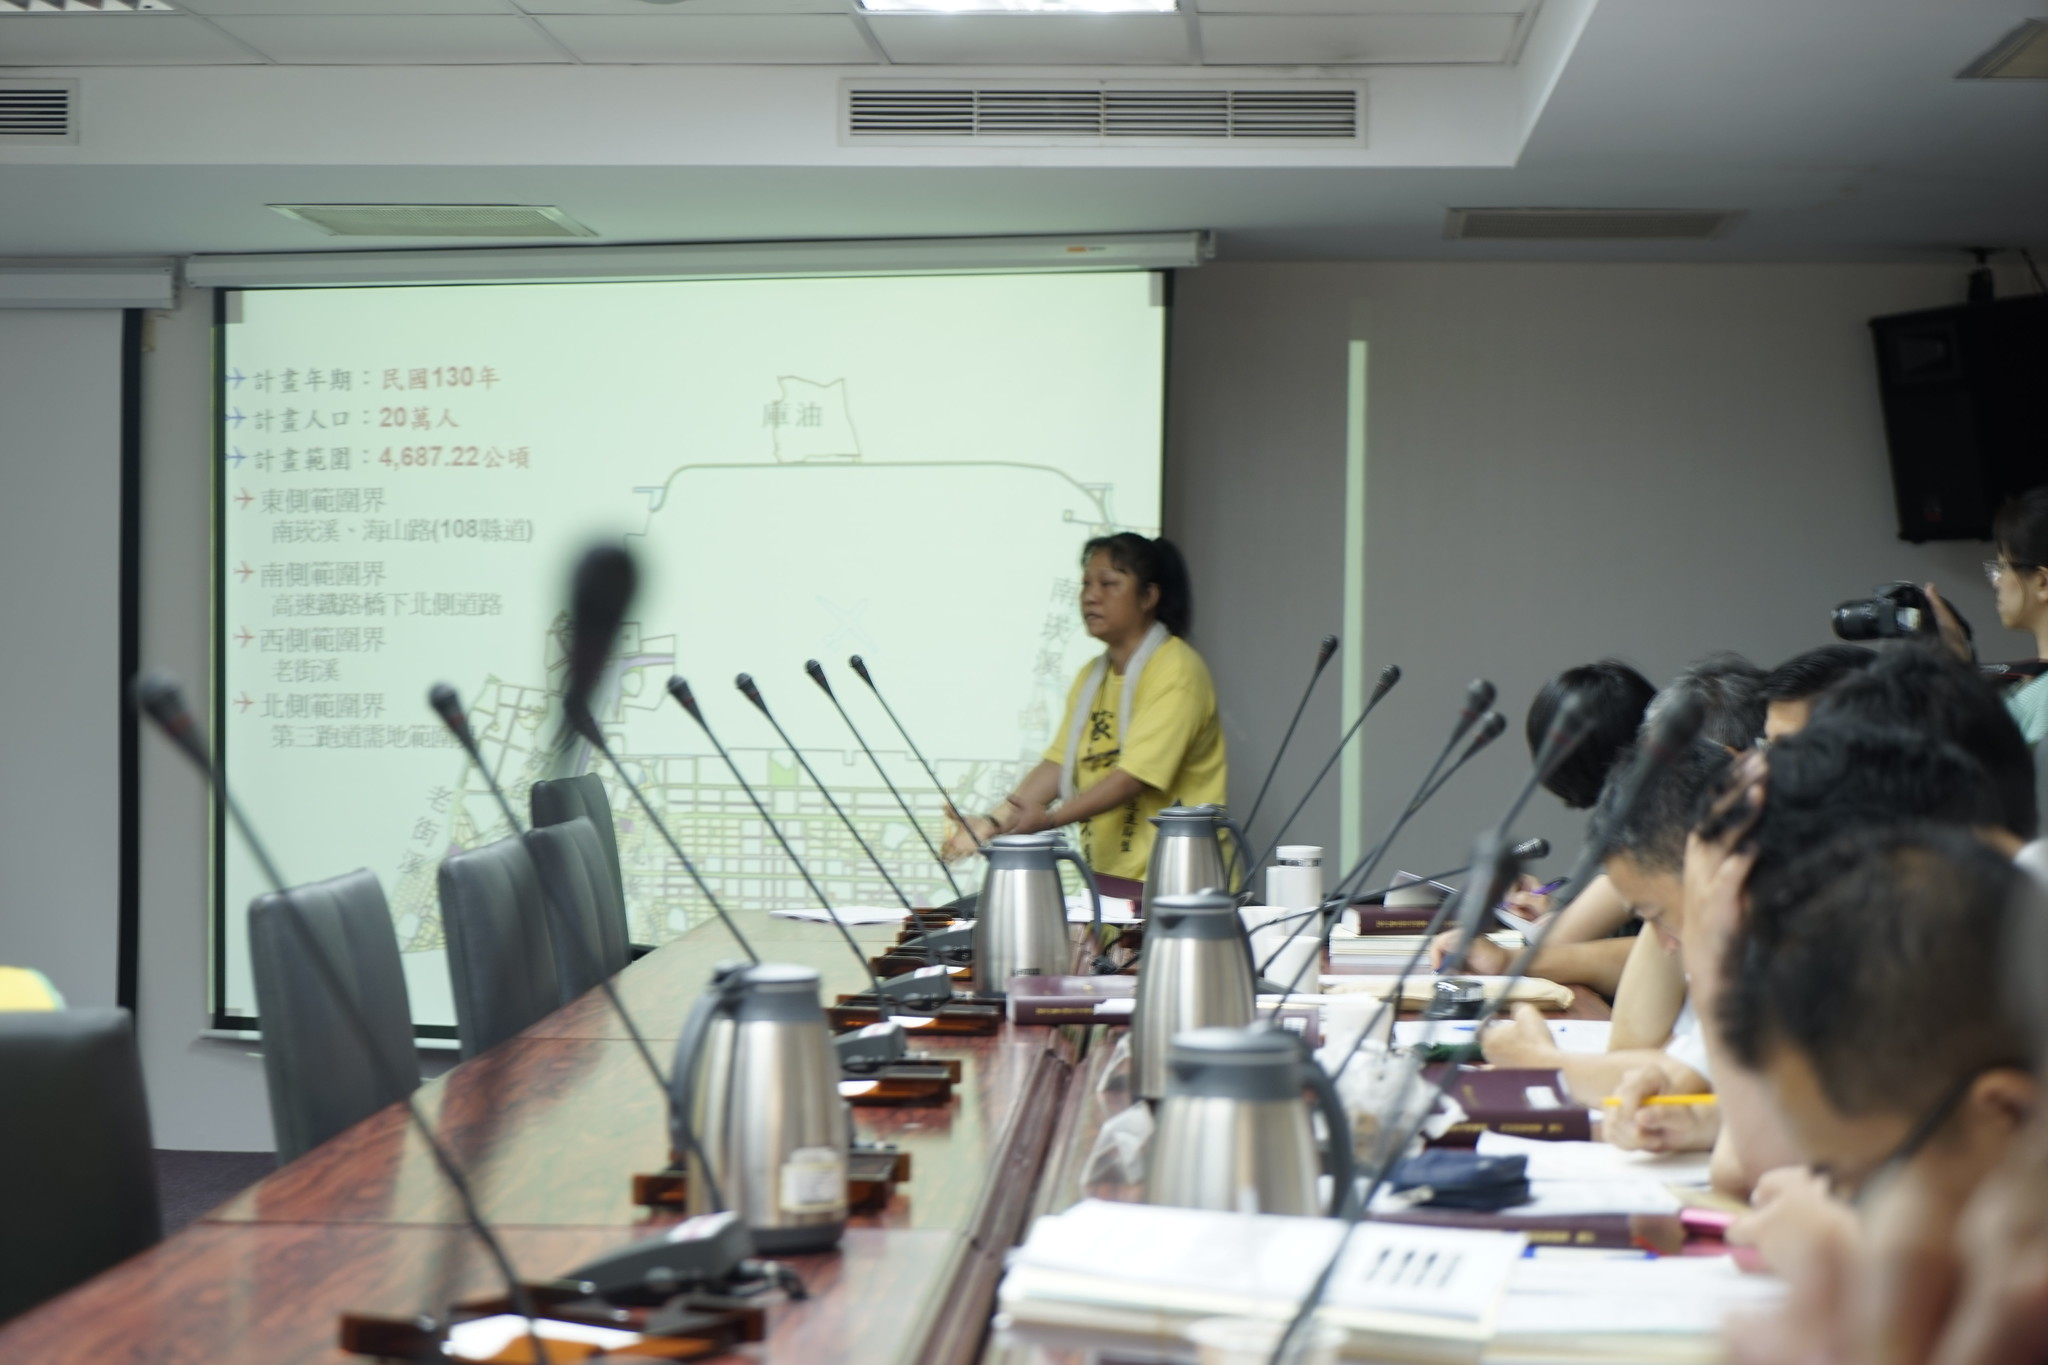 航空城自救會成員在都委會中比劃著住家位置,反對政府大規模徵收。(攝影:張宗坤)